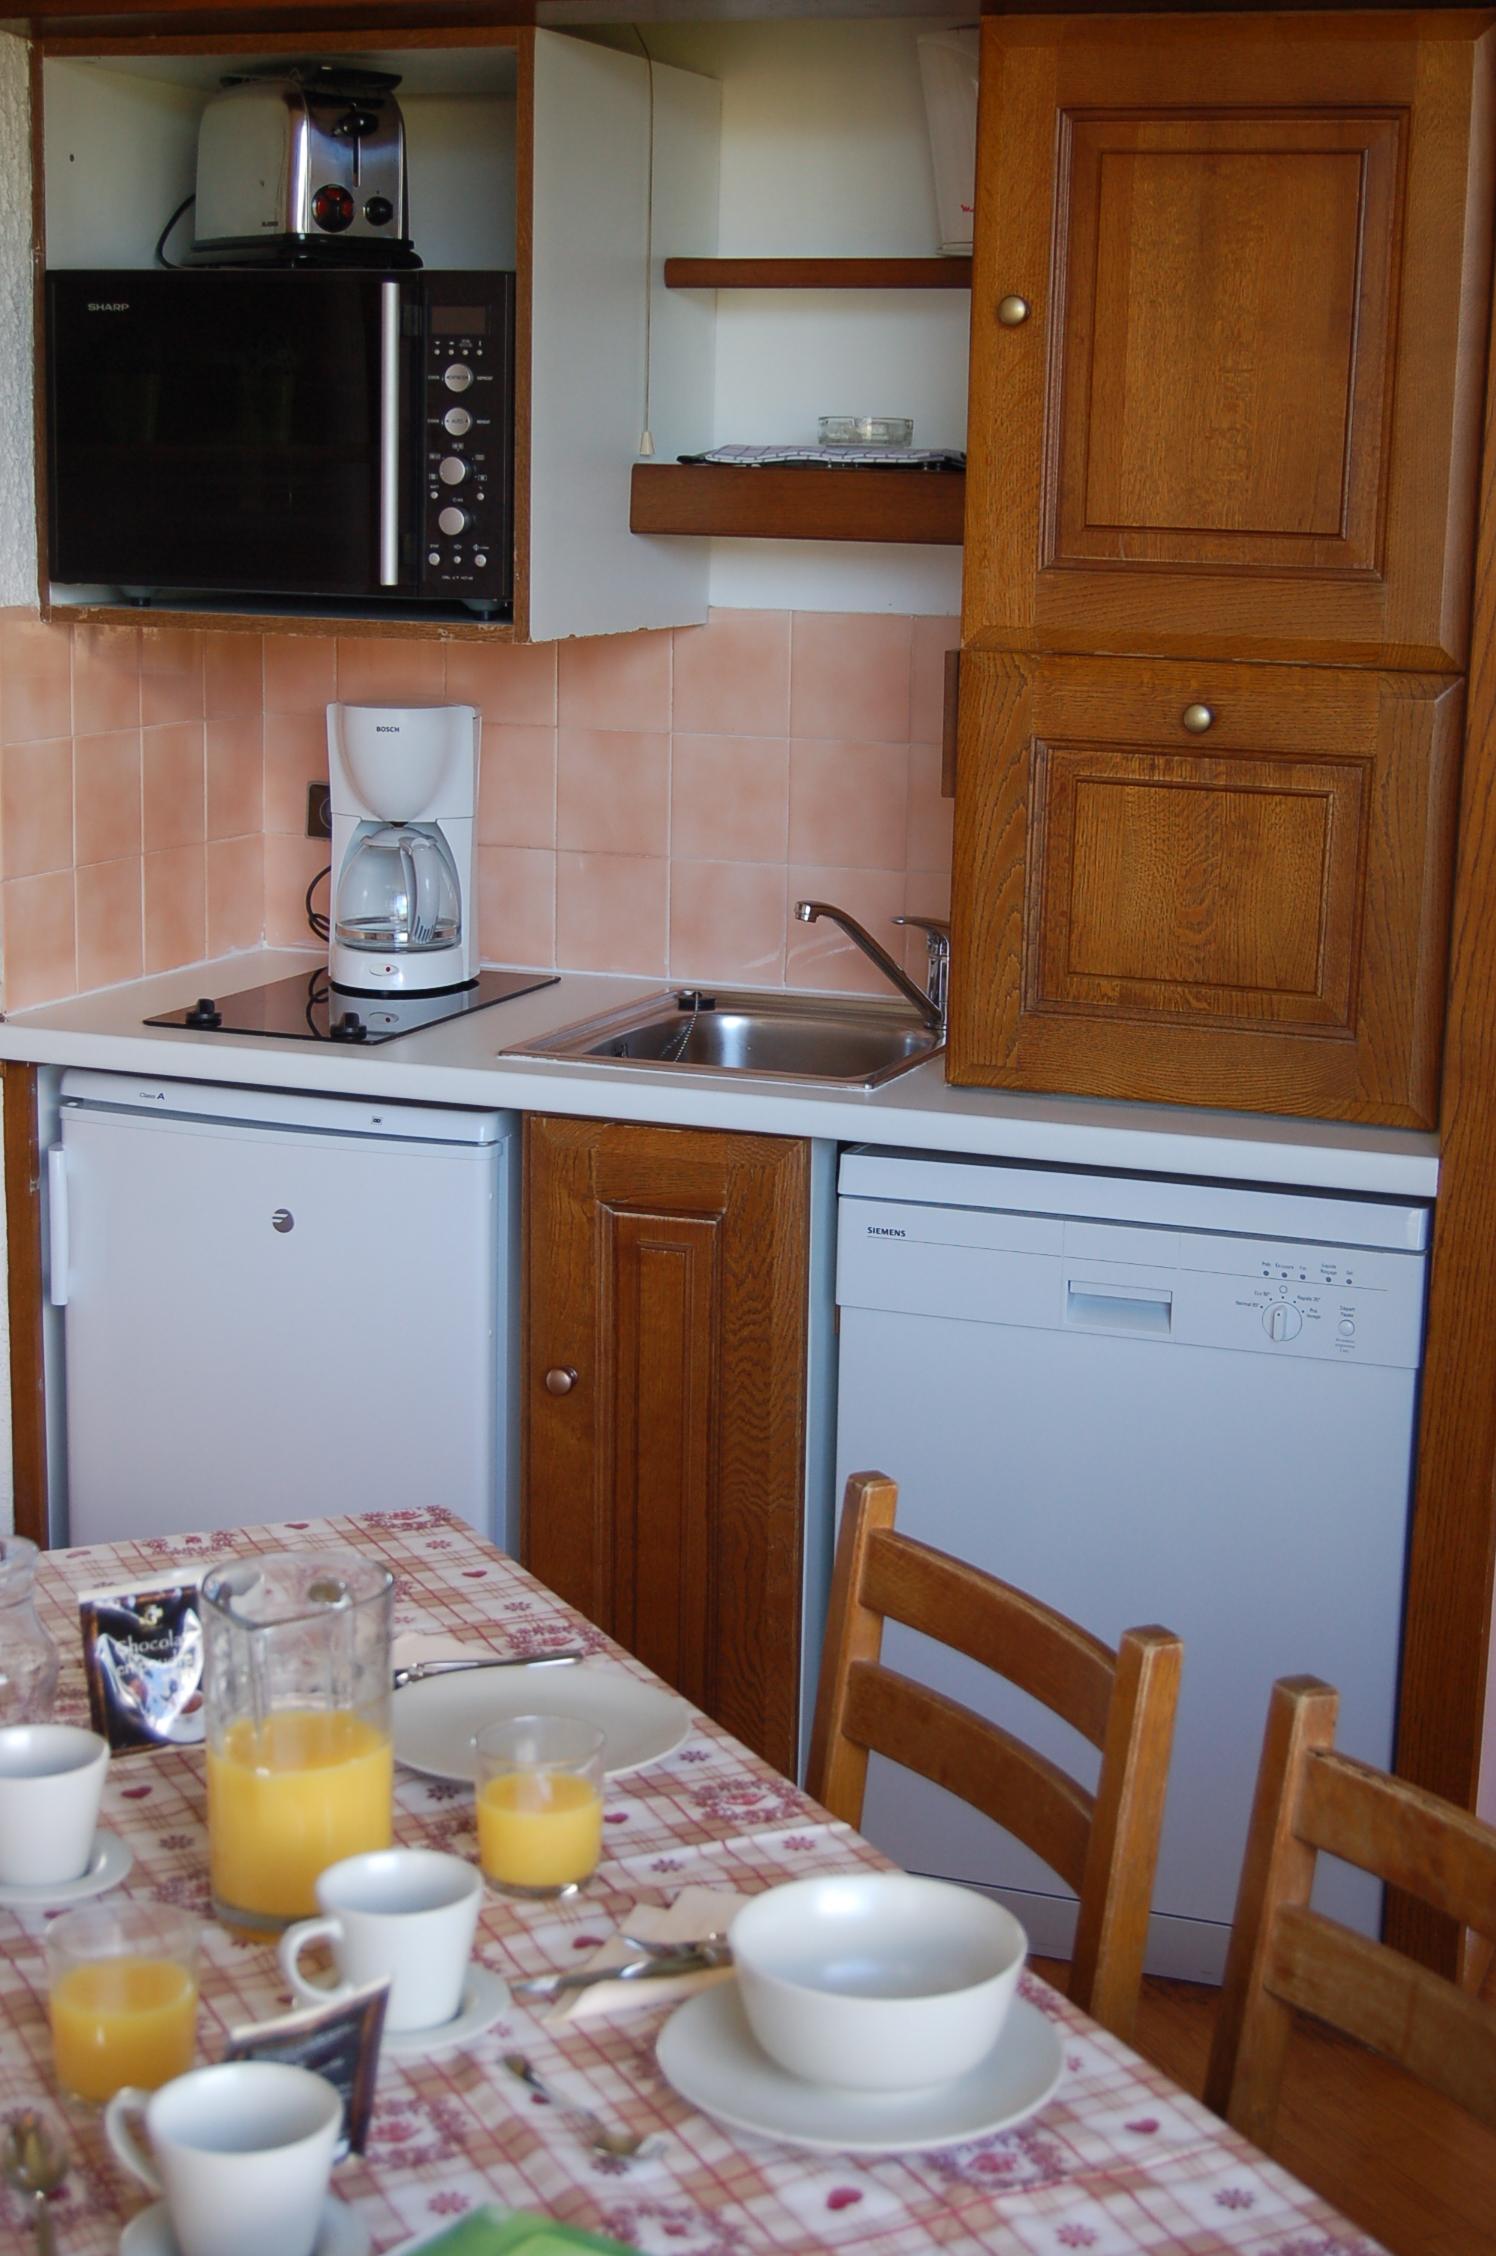 224-kitchenette